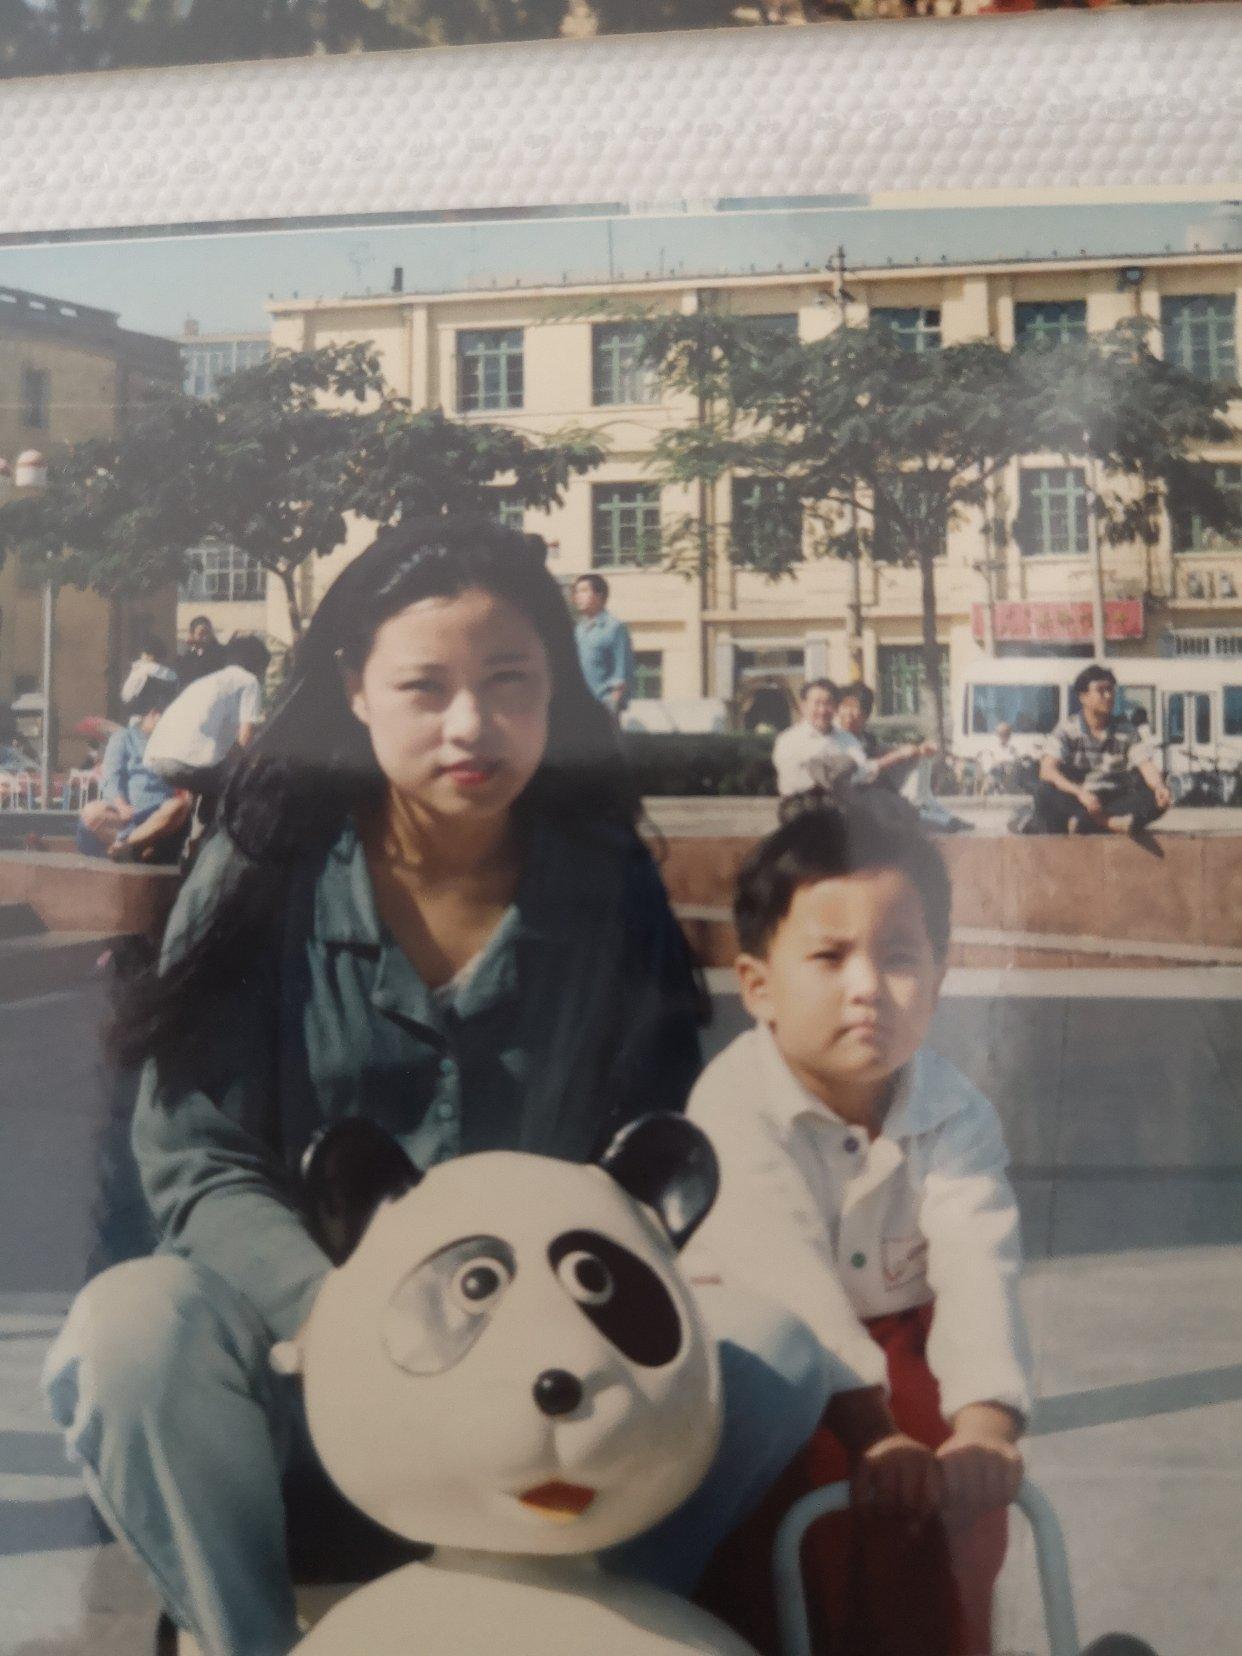 假如我穿越到妈妈年轻的时候我想好好照顾她